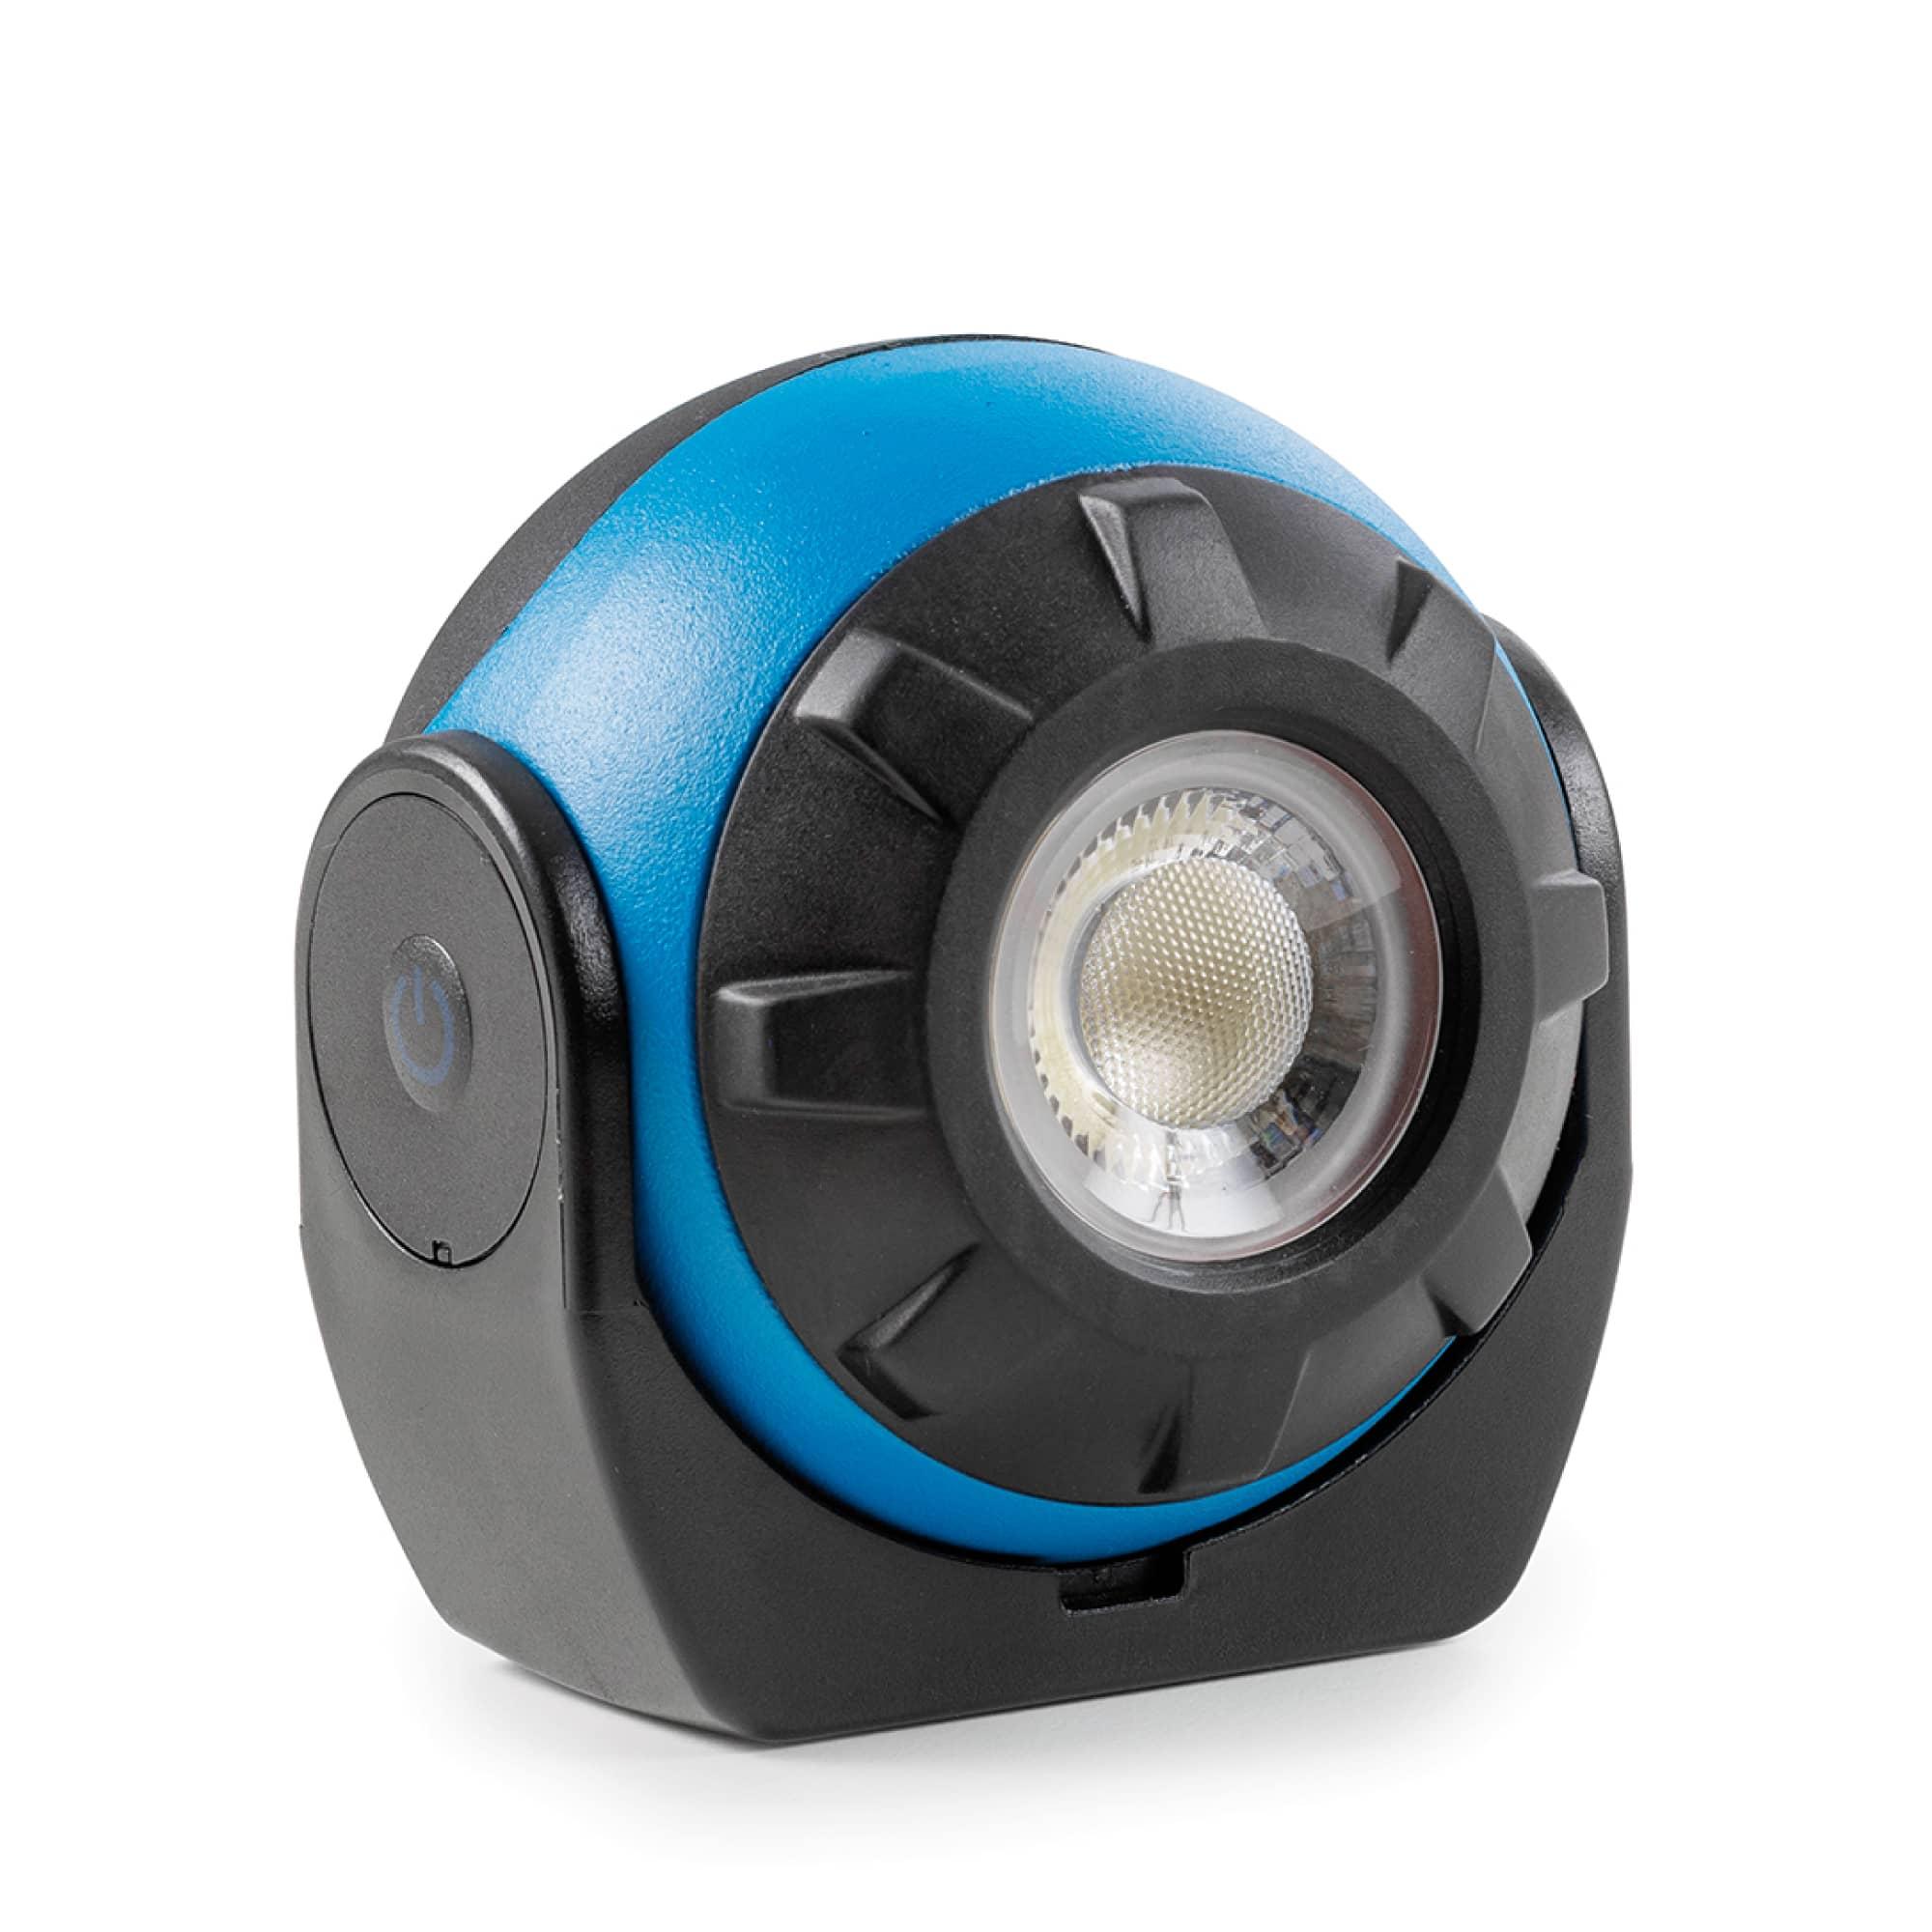 Leistungsstarke LED Arbeitslampe mit Powerbank-Funktion